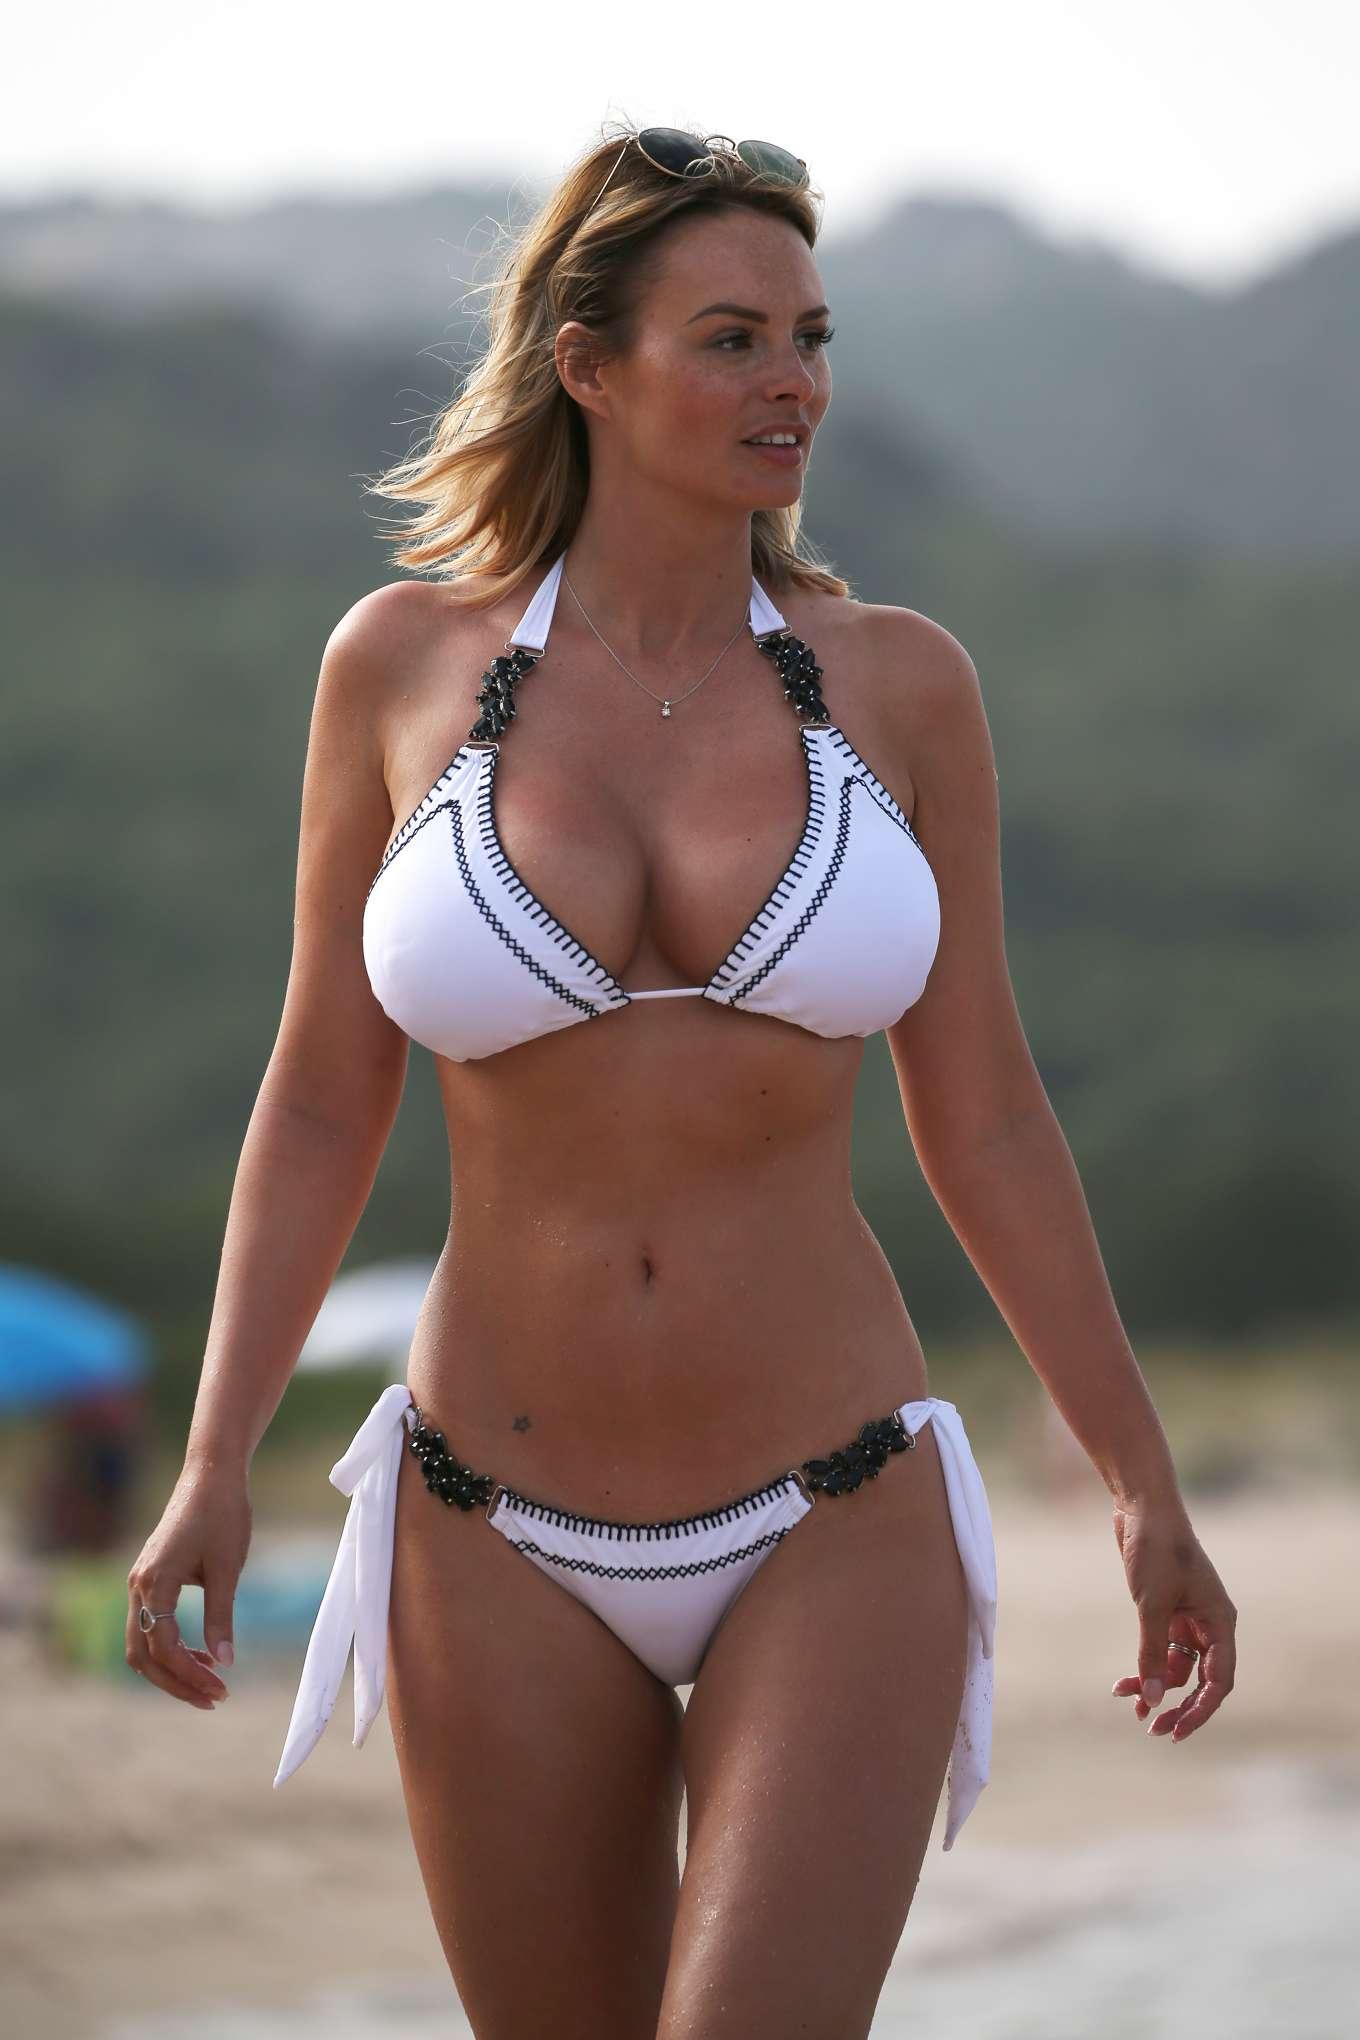 Pin On Bikini Hotties